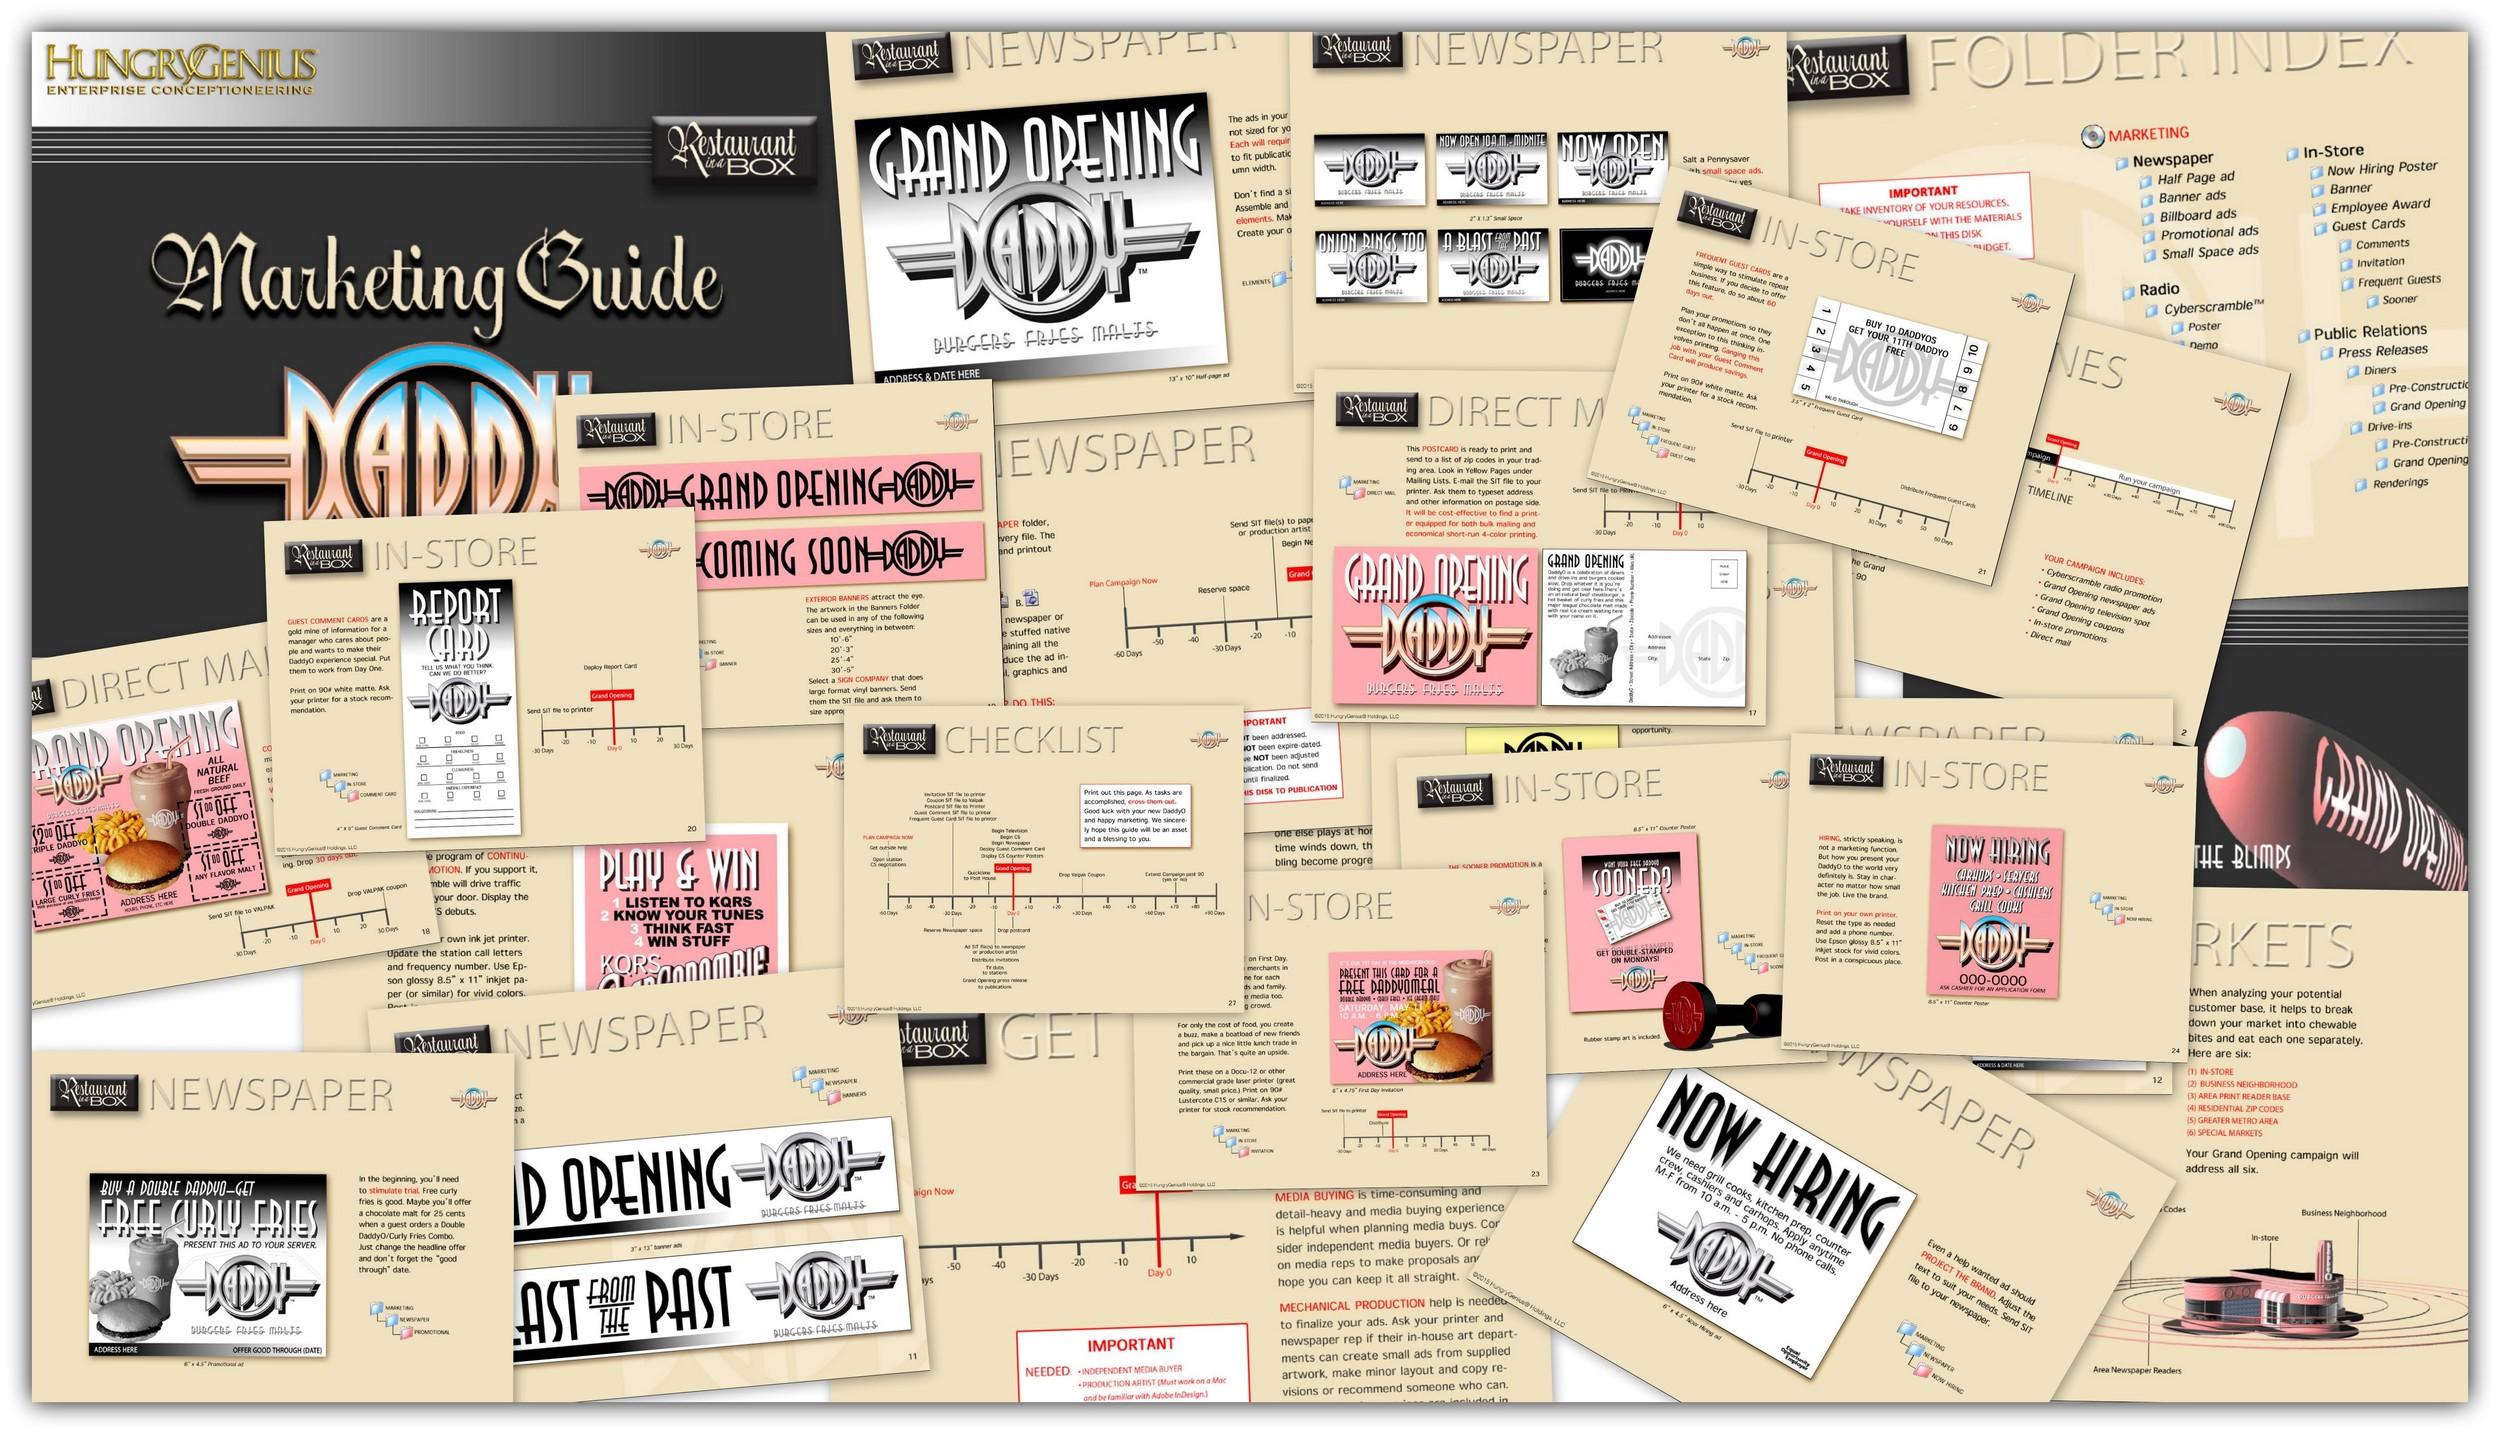 DaddyODiner Marketing Guide.jpg